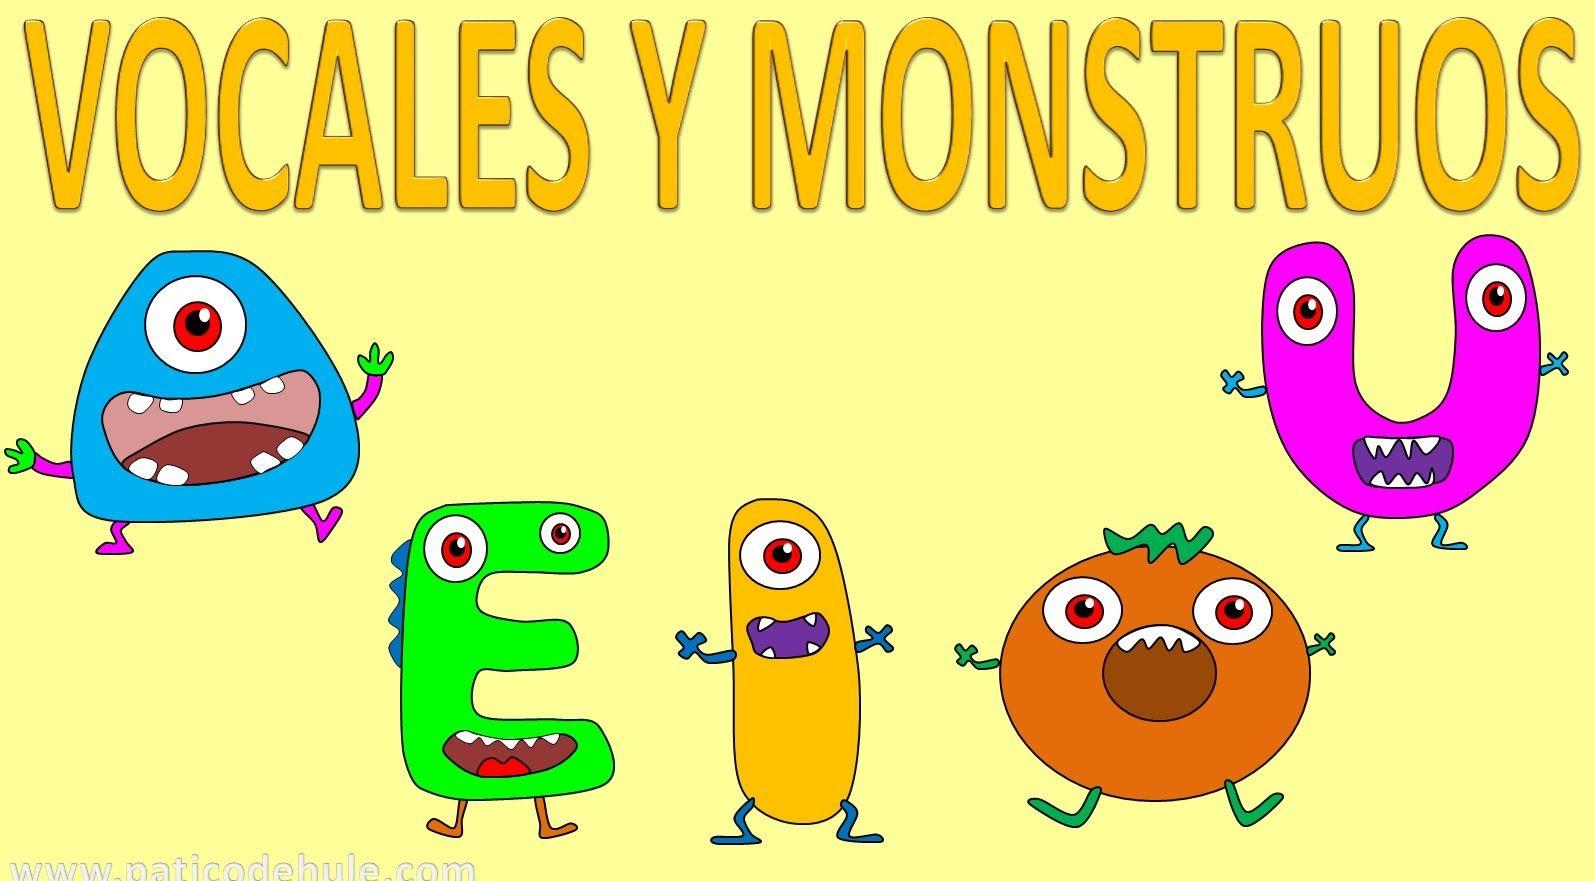 Vocales para niños en español - AEIOU - Vocales con monstruos ...